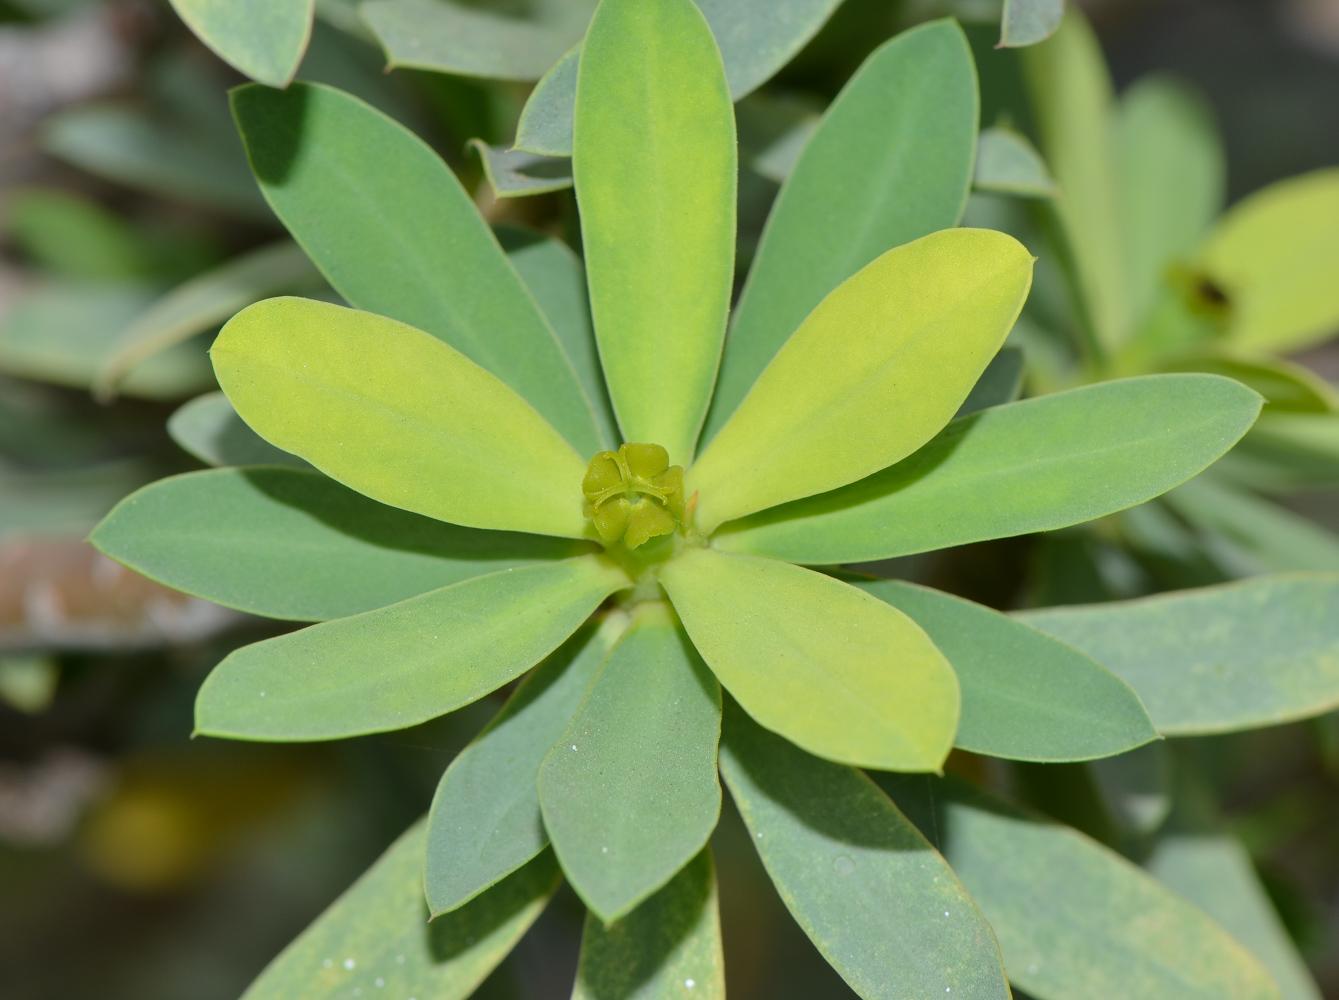 Флора Средиземноморья, фото растений и цветов Италии 79